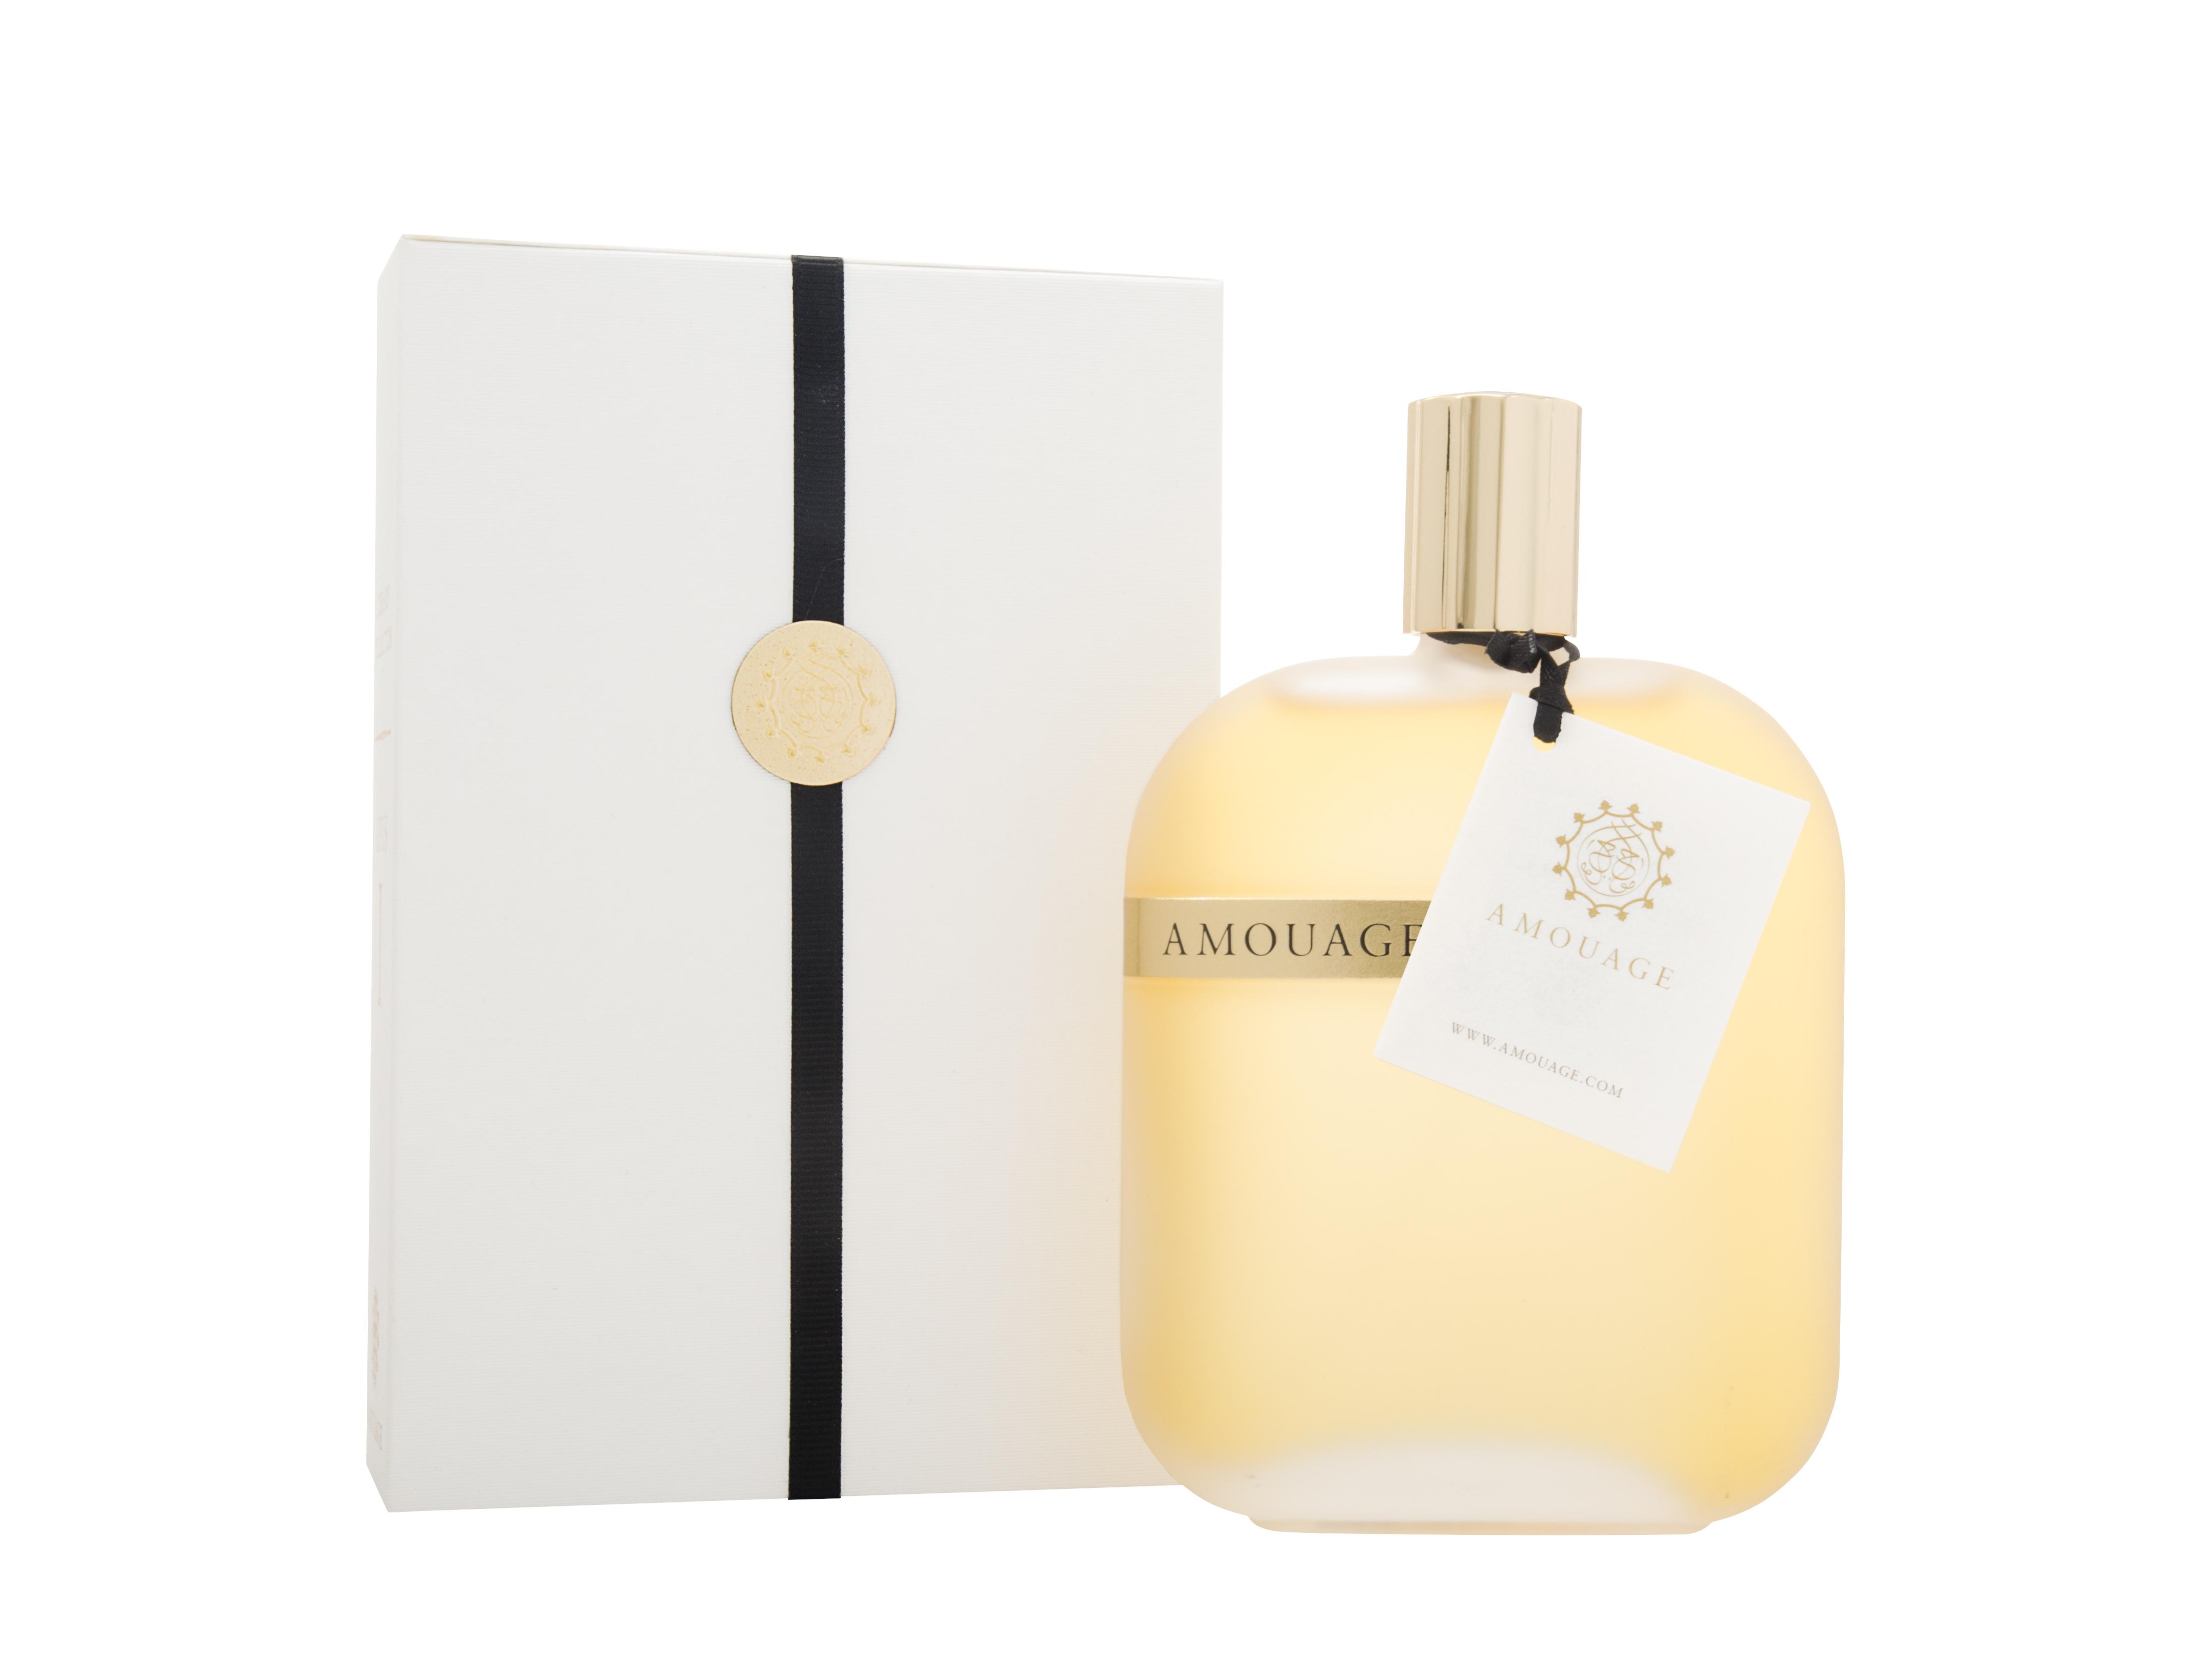 Amouage Opus I Library Collection Eau de Parfum 100ml